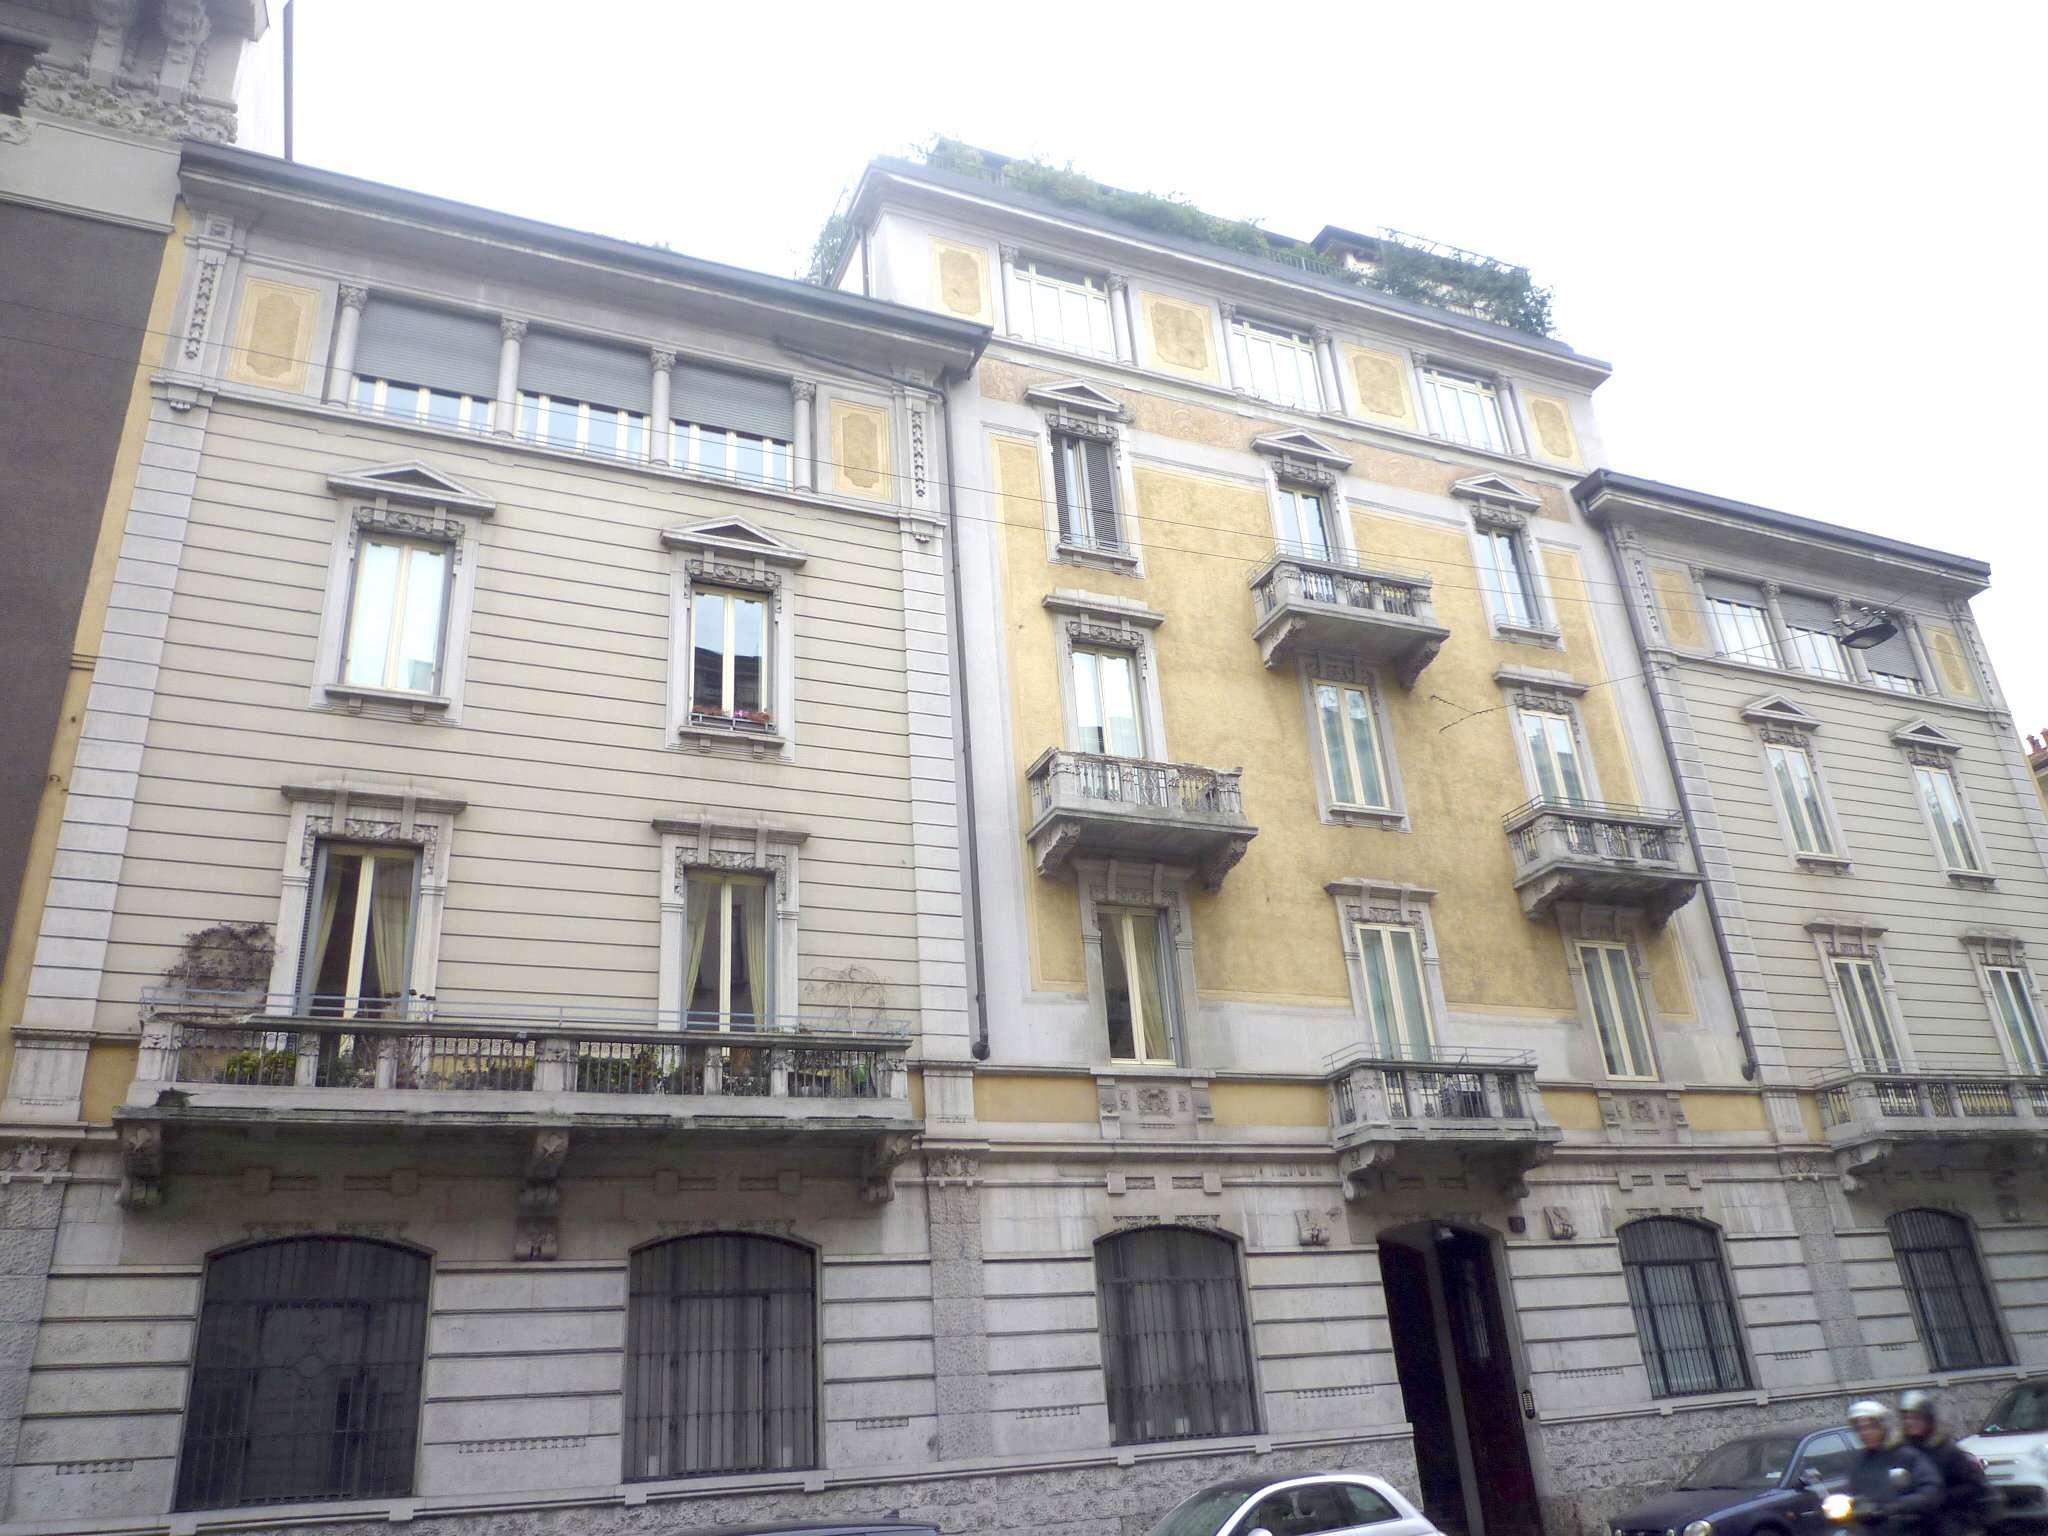 Appartamento in vendita a Milano, 3 locali, zona Zona: 12 . De Angeli, Vercelli, Washington, Sicilia, S. Michele del Carso, prezzo € 500.000 | CambioCasa.it